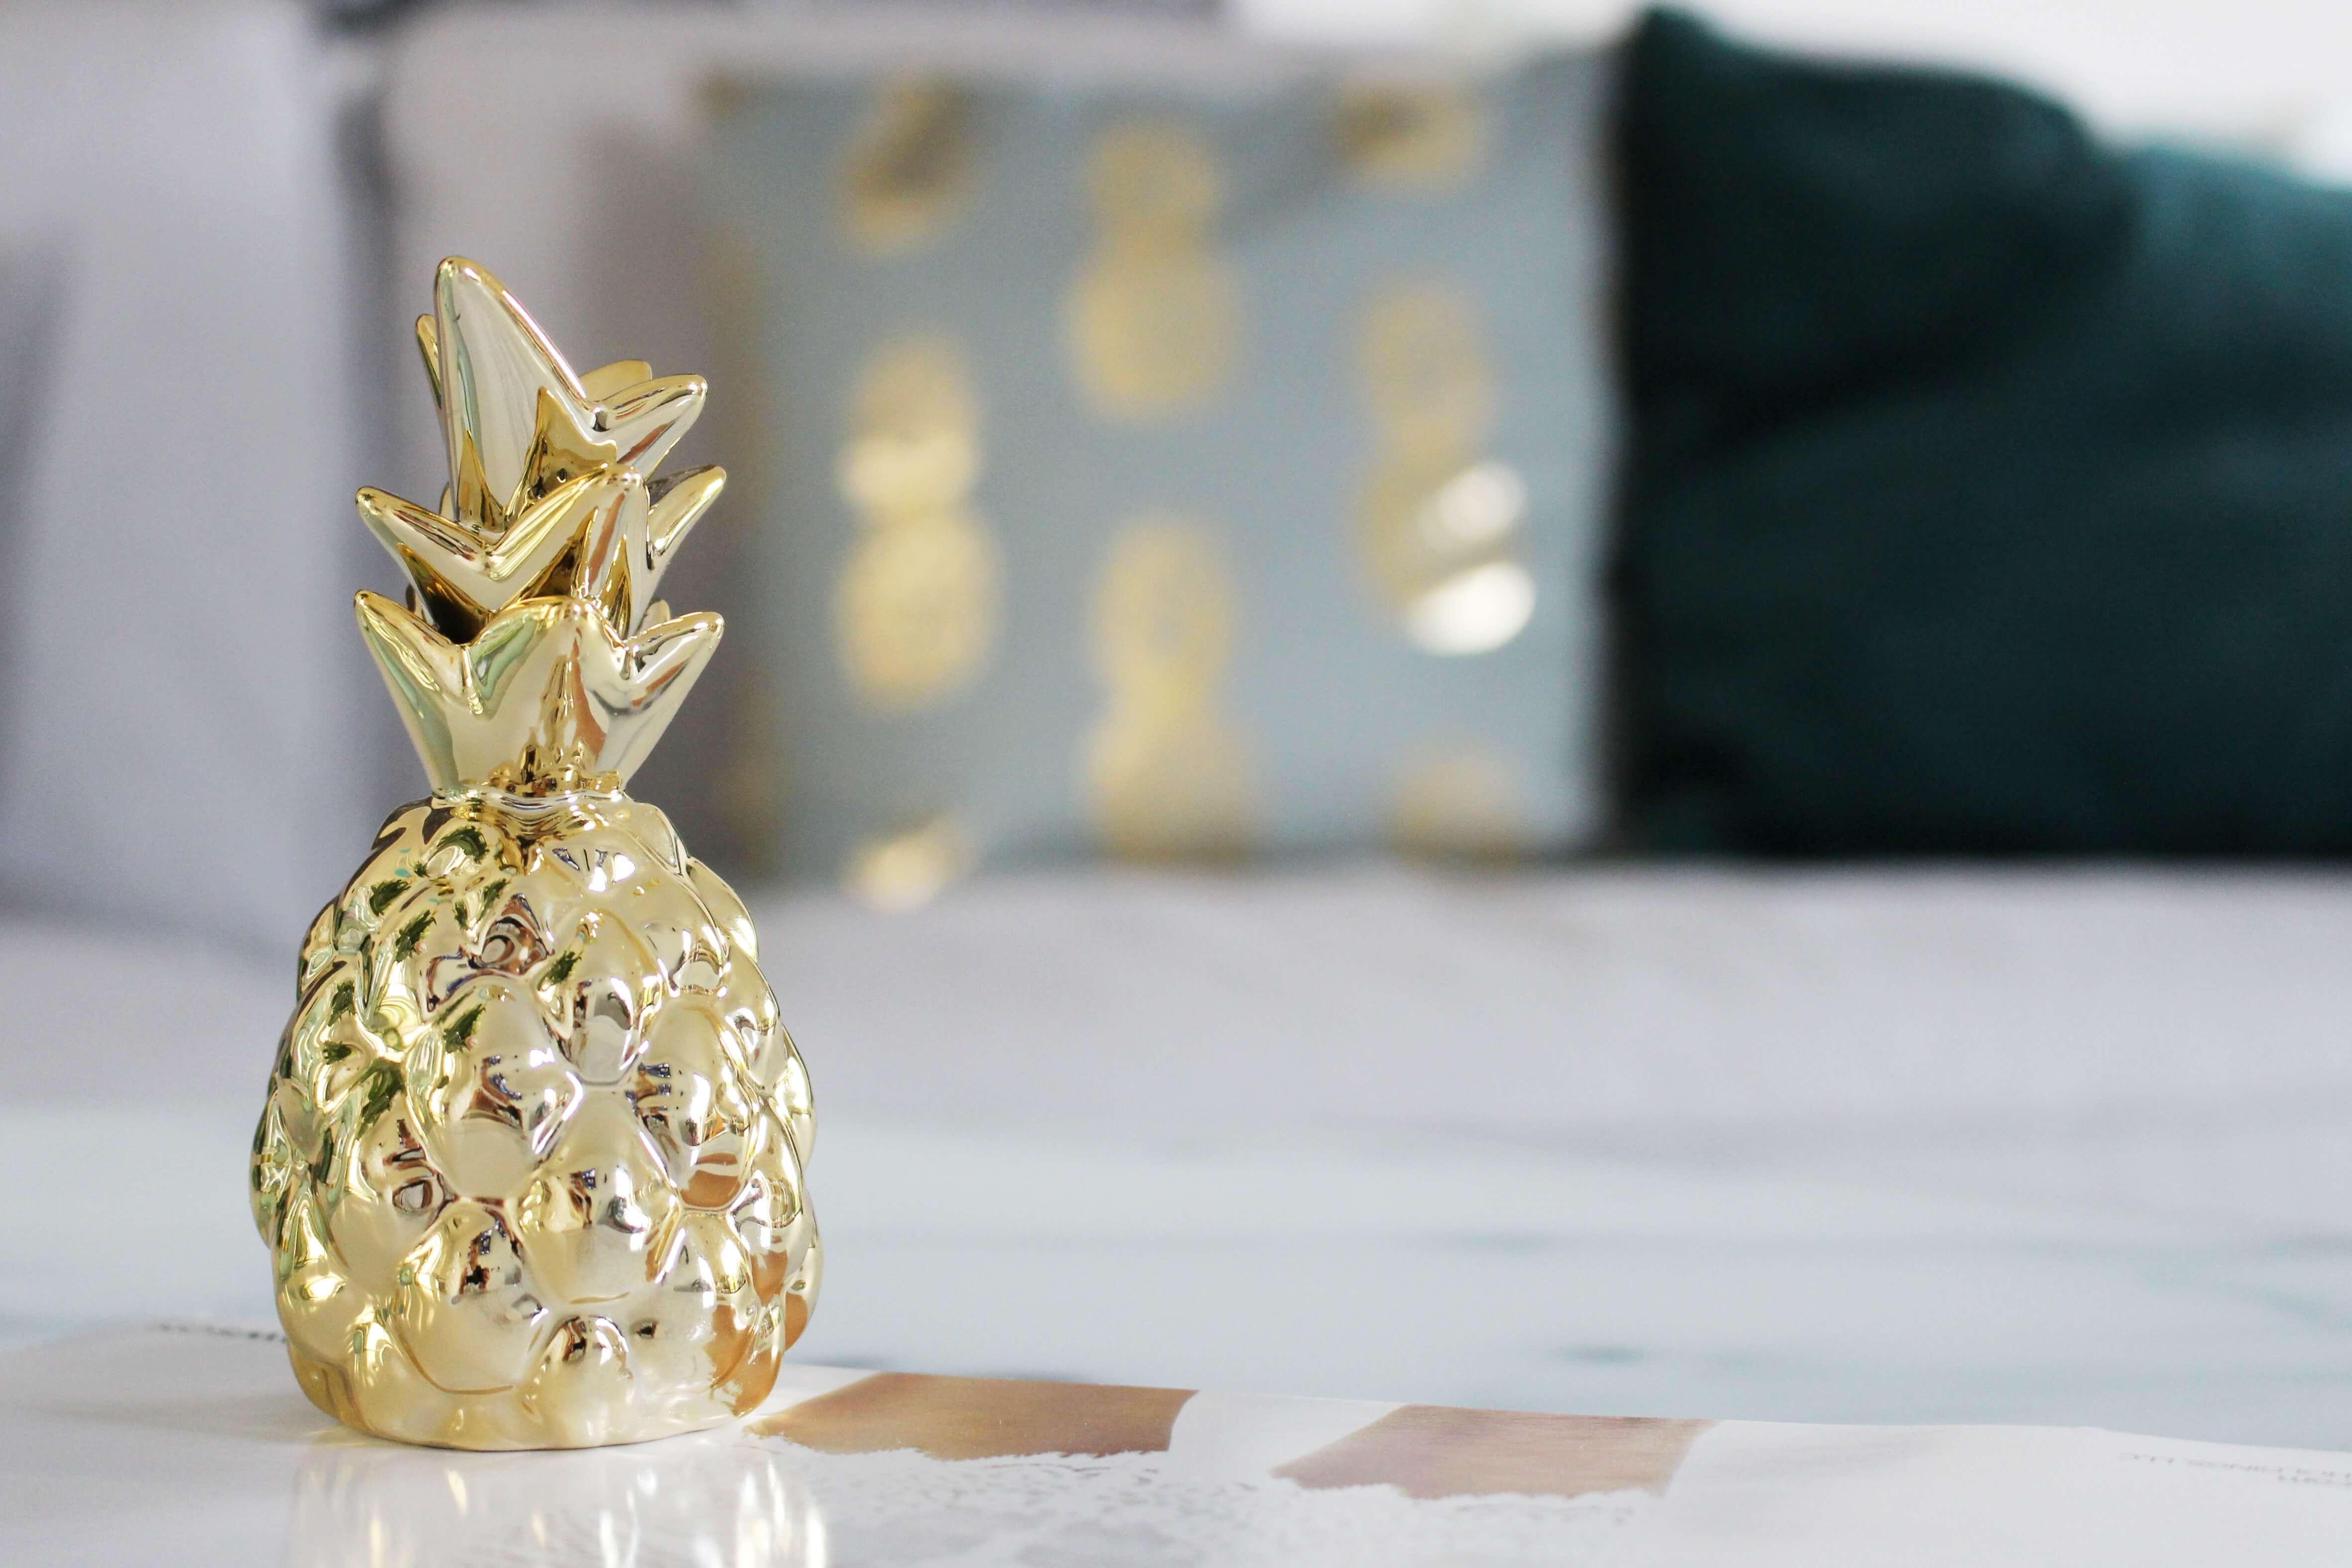 unsere neue wohnzimmer deko in grn gold - Wohnzimmer Deko Gold